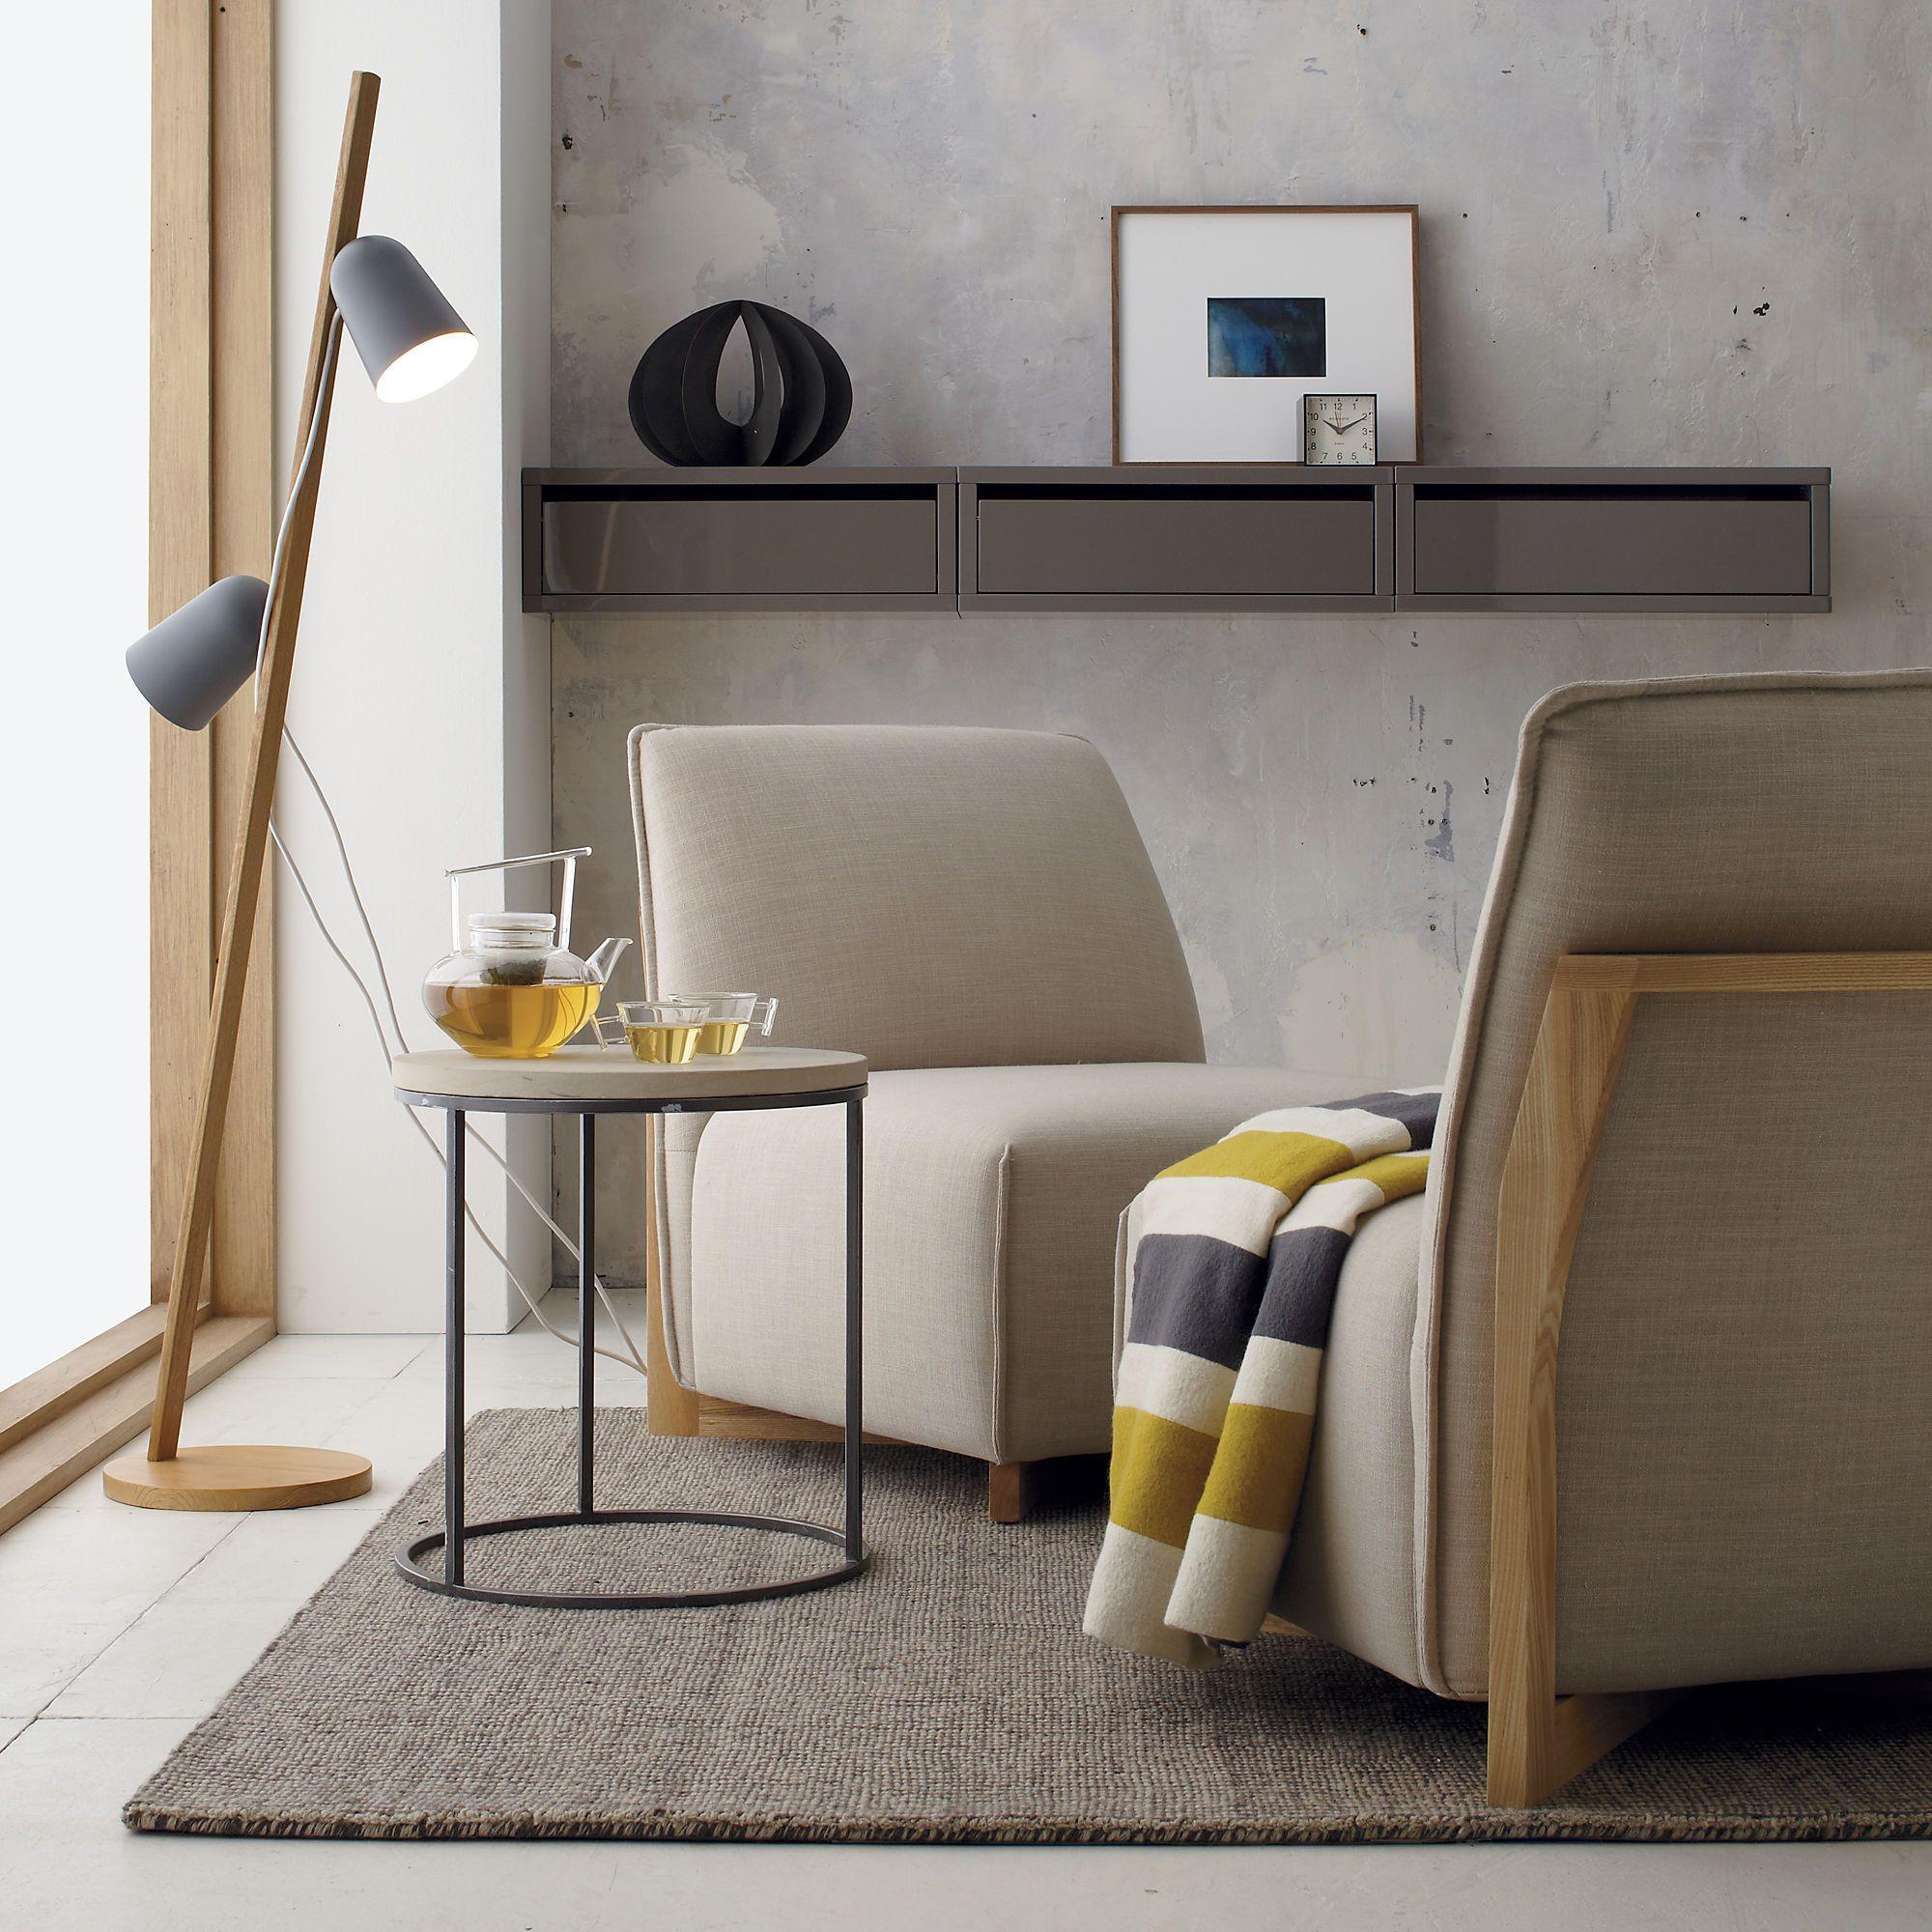 tweed rug in rugs   CB2